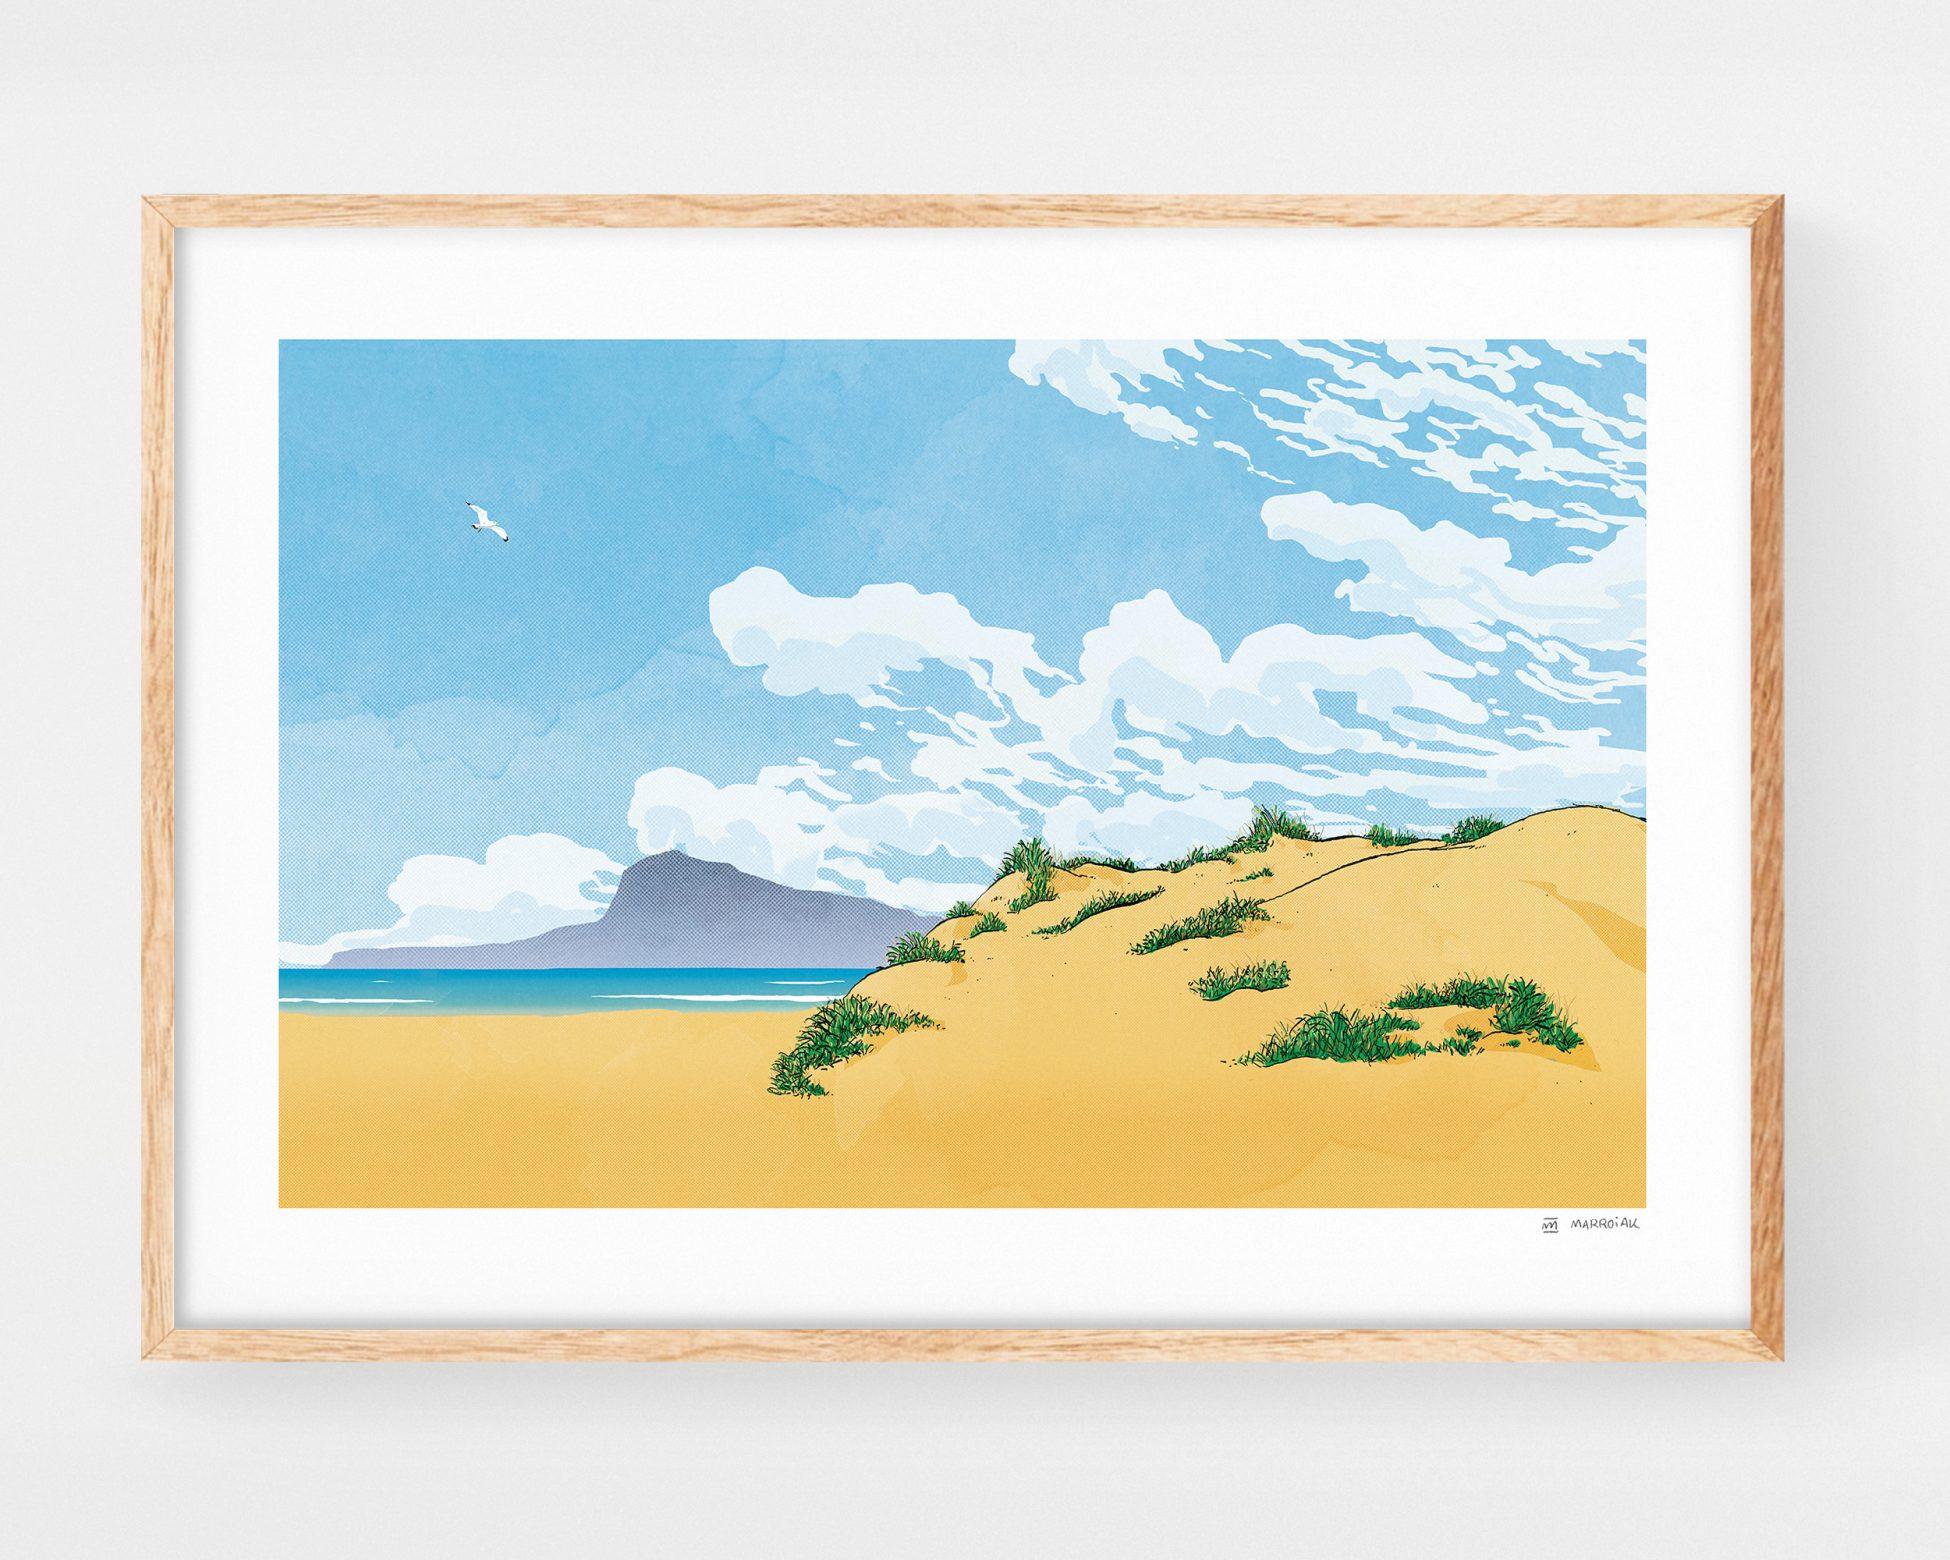 Cuadro para enmarcar con un dibujo de la playa de Oliva. Ilustraciones de la safor y Valencia.